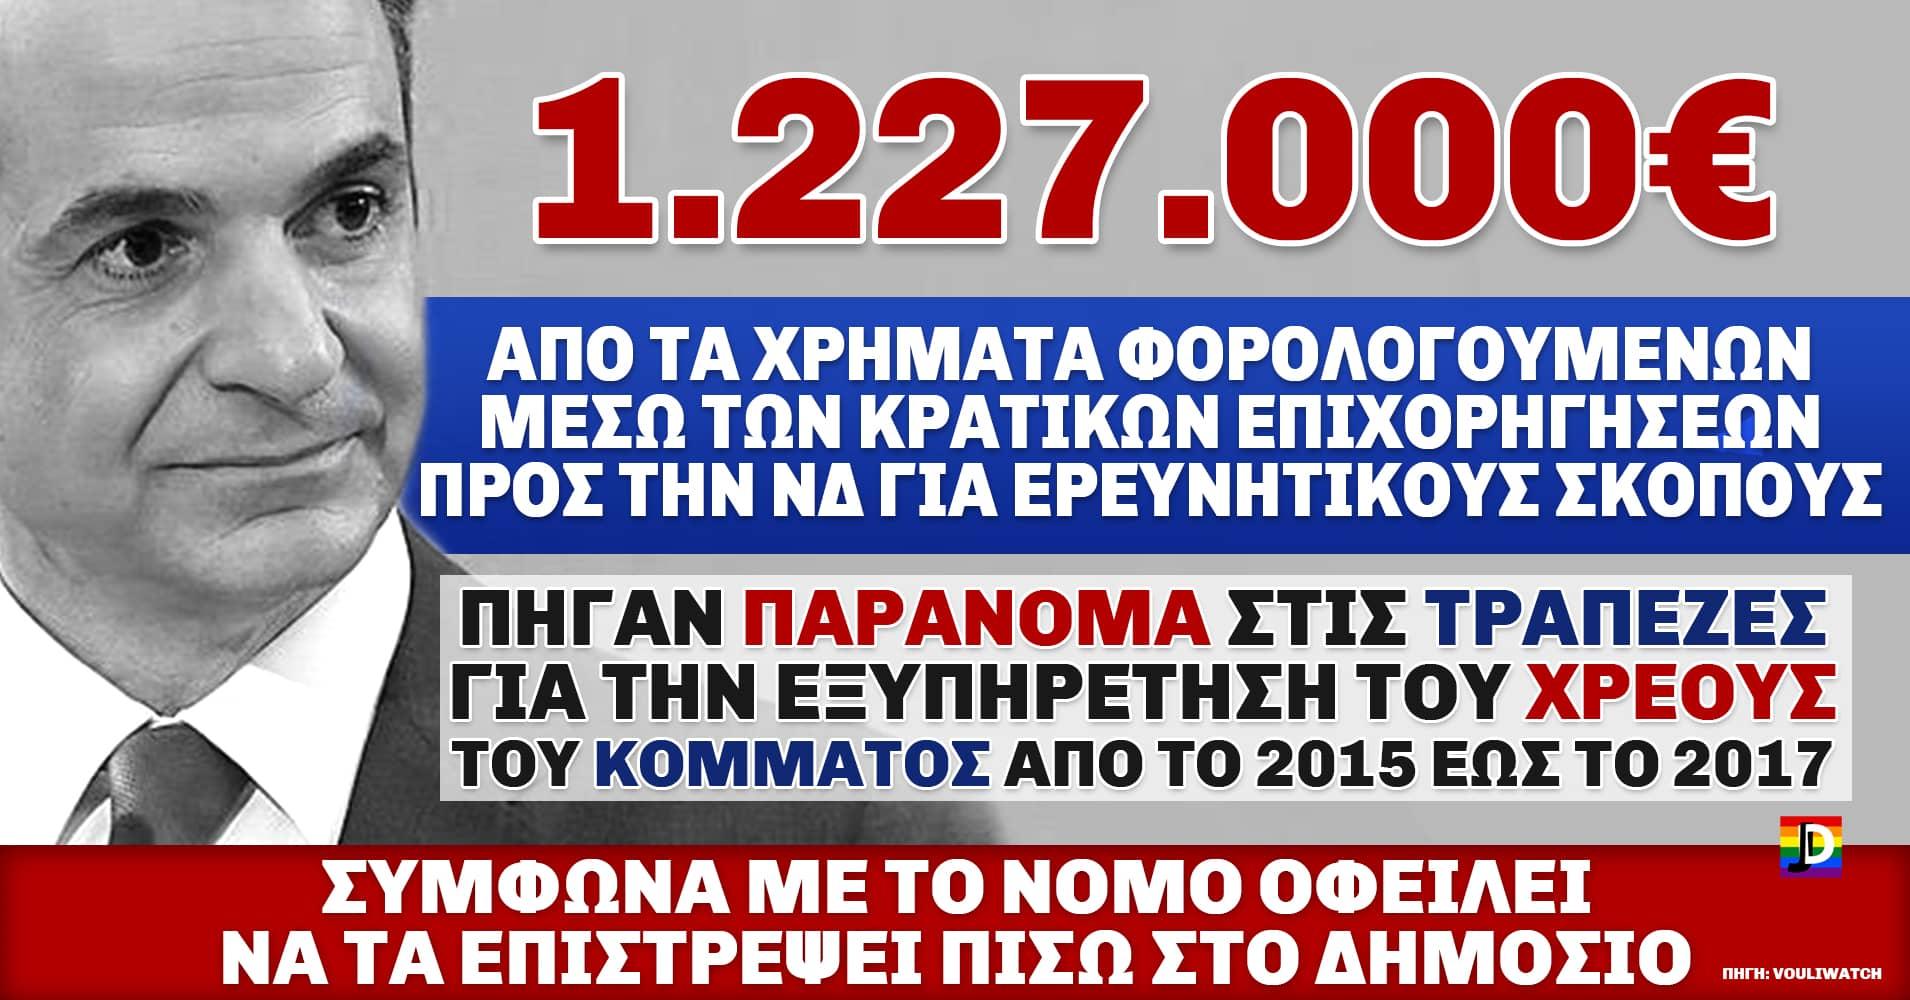 1,2 εκ. ευρώ από την κρατική επιχορήγηση για ερευνητικούς σκοπούς διέθεσε η ΝΔ για την αποπληρωμή των δανείων της